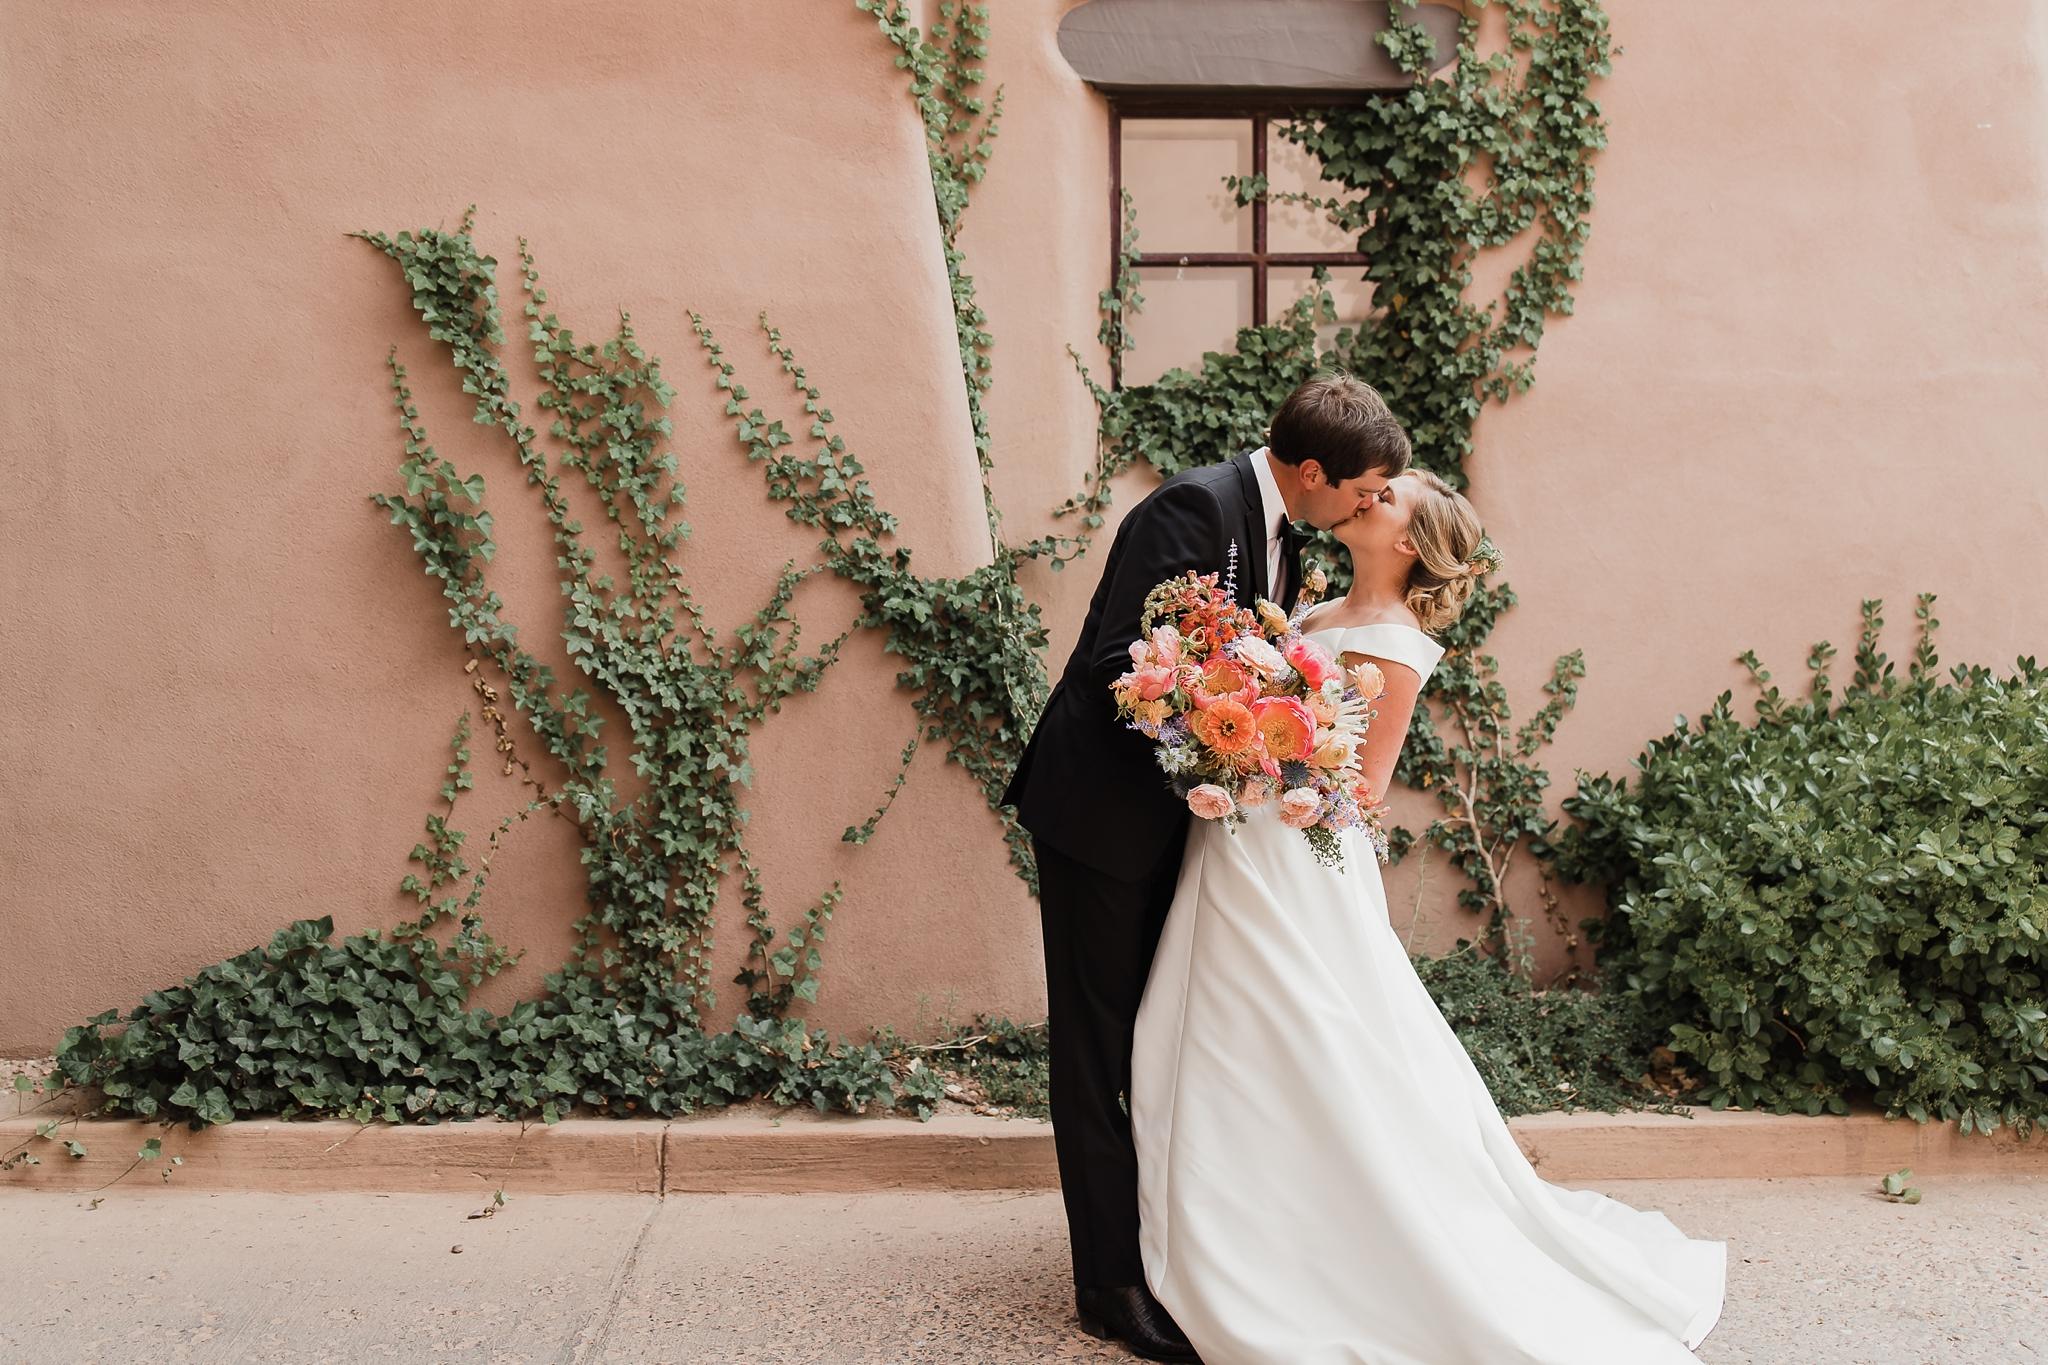 Alicia+lucia+photography+-+albuquerque+wedding+photographer+-+santa+fe+wedding+photography+-+new+mexico+wedding+photographer+-+new+mexico+wedding+-+las+campanas+wedding+-+santa+fe+wedding+-+maximalist+wedding+-+destination+wedding_0084.jpg